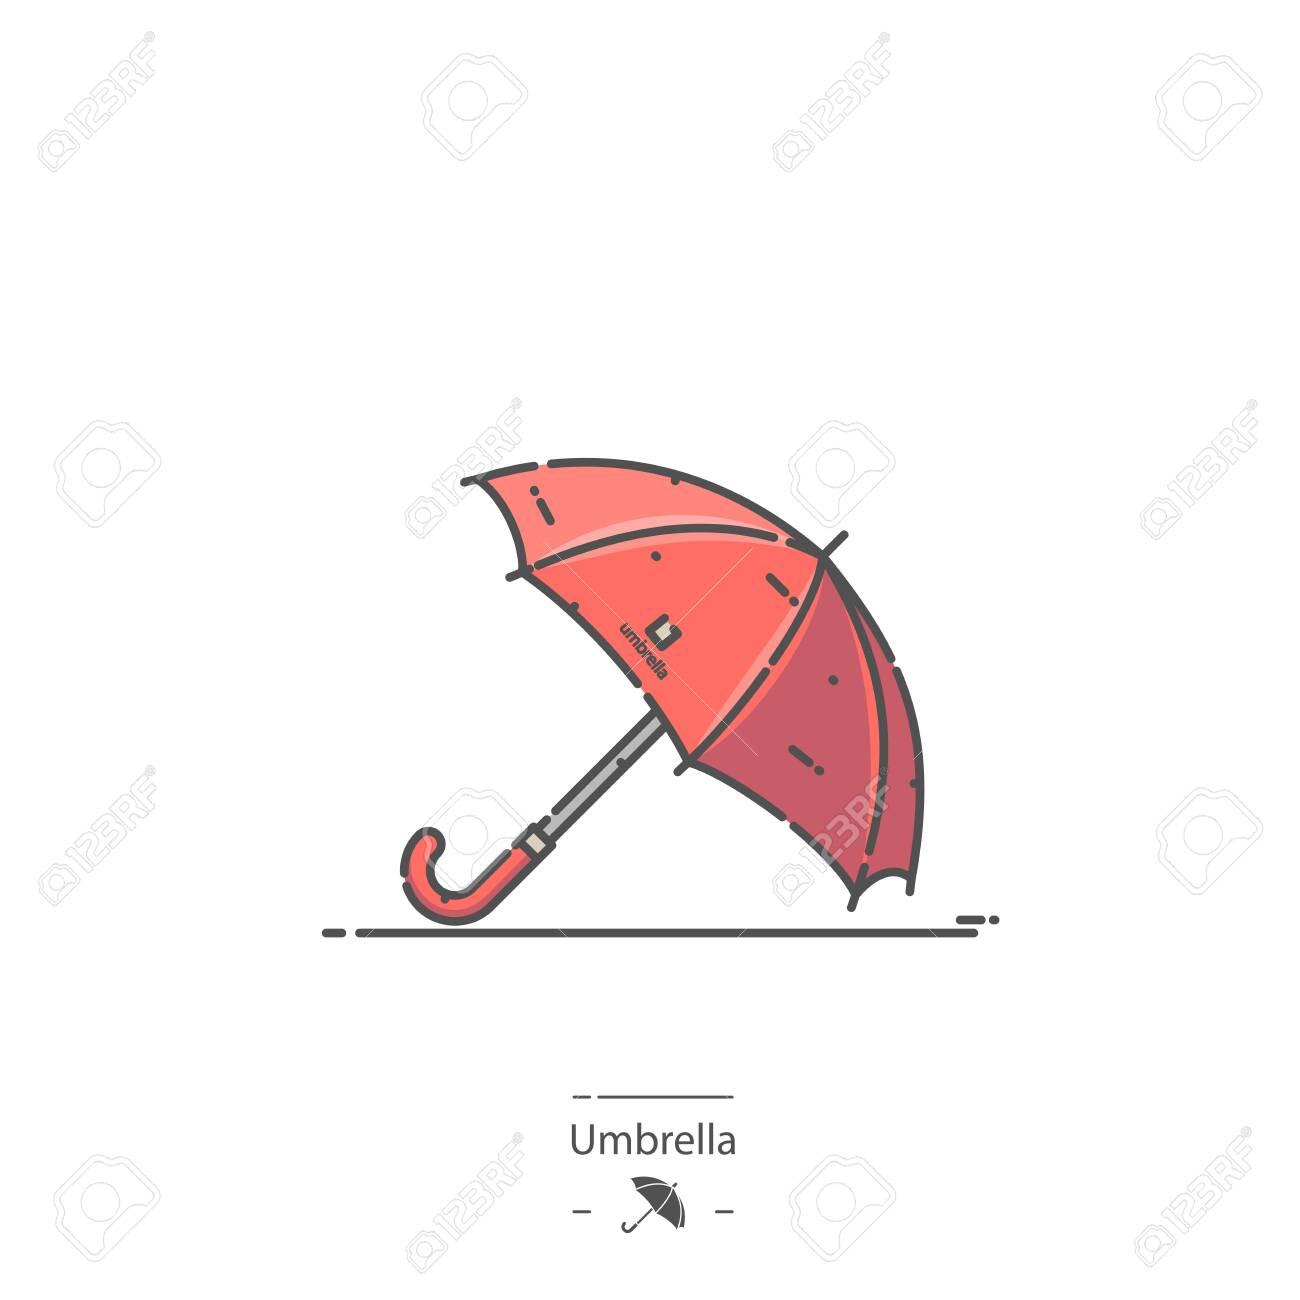 Red Umbrella - Line color icon - 138142226